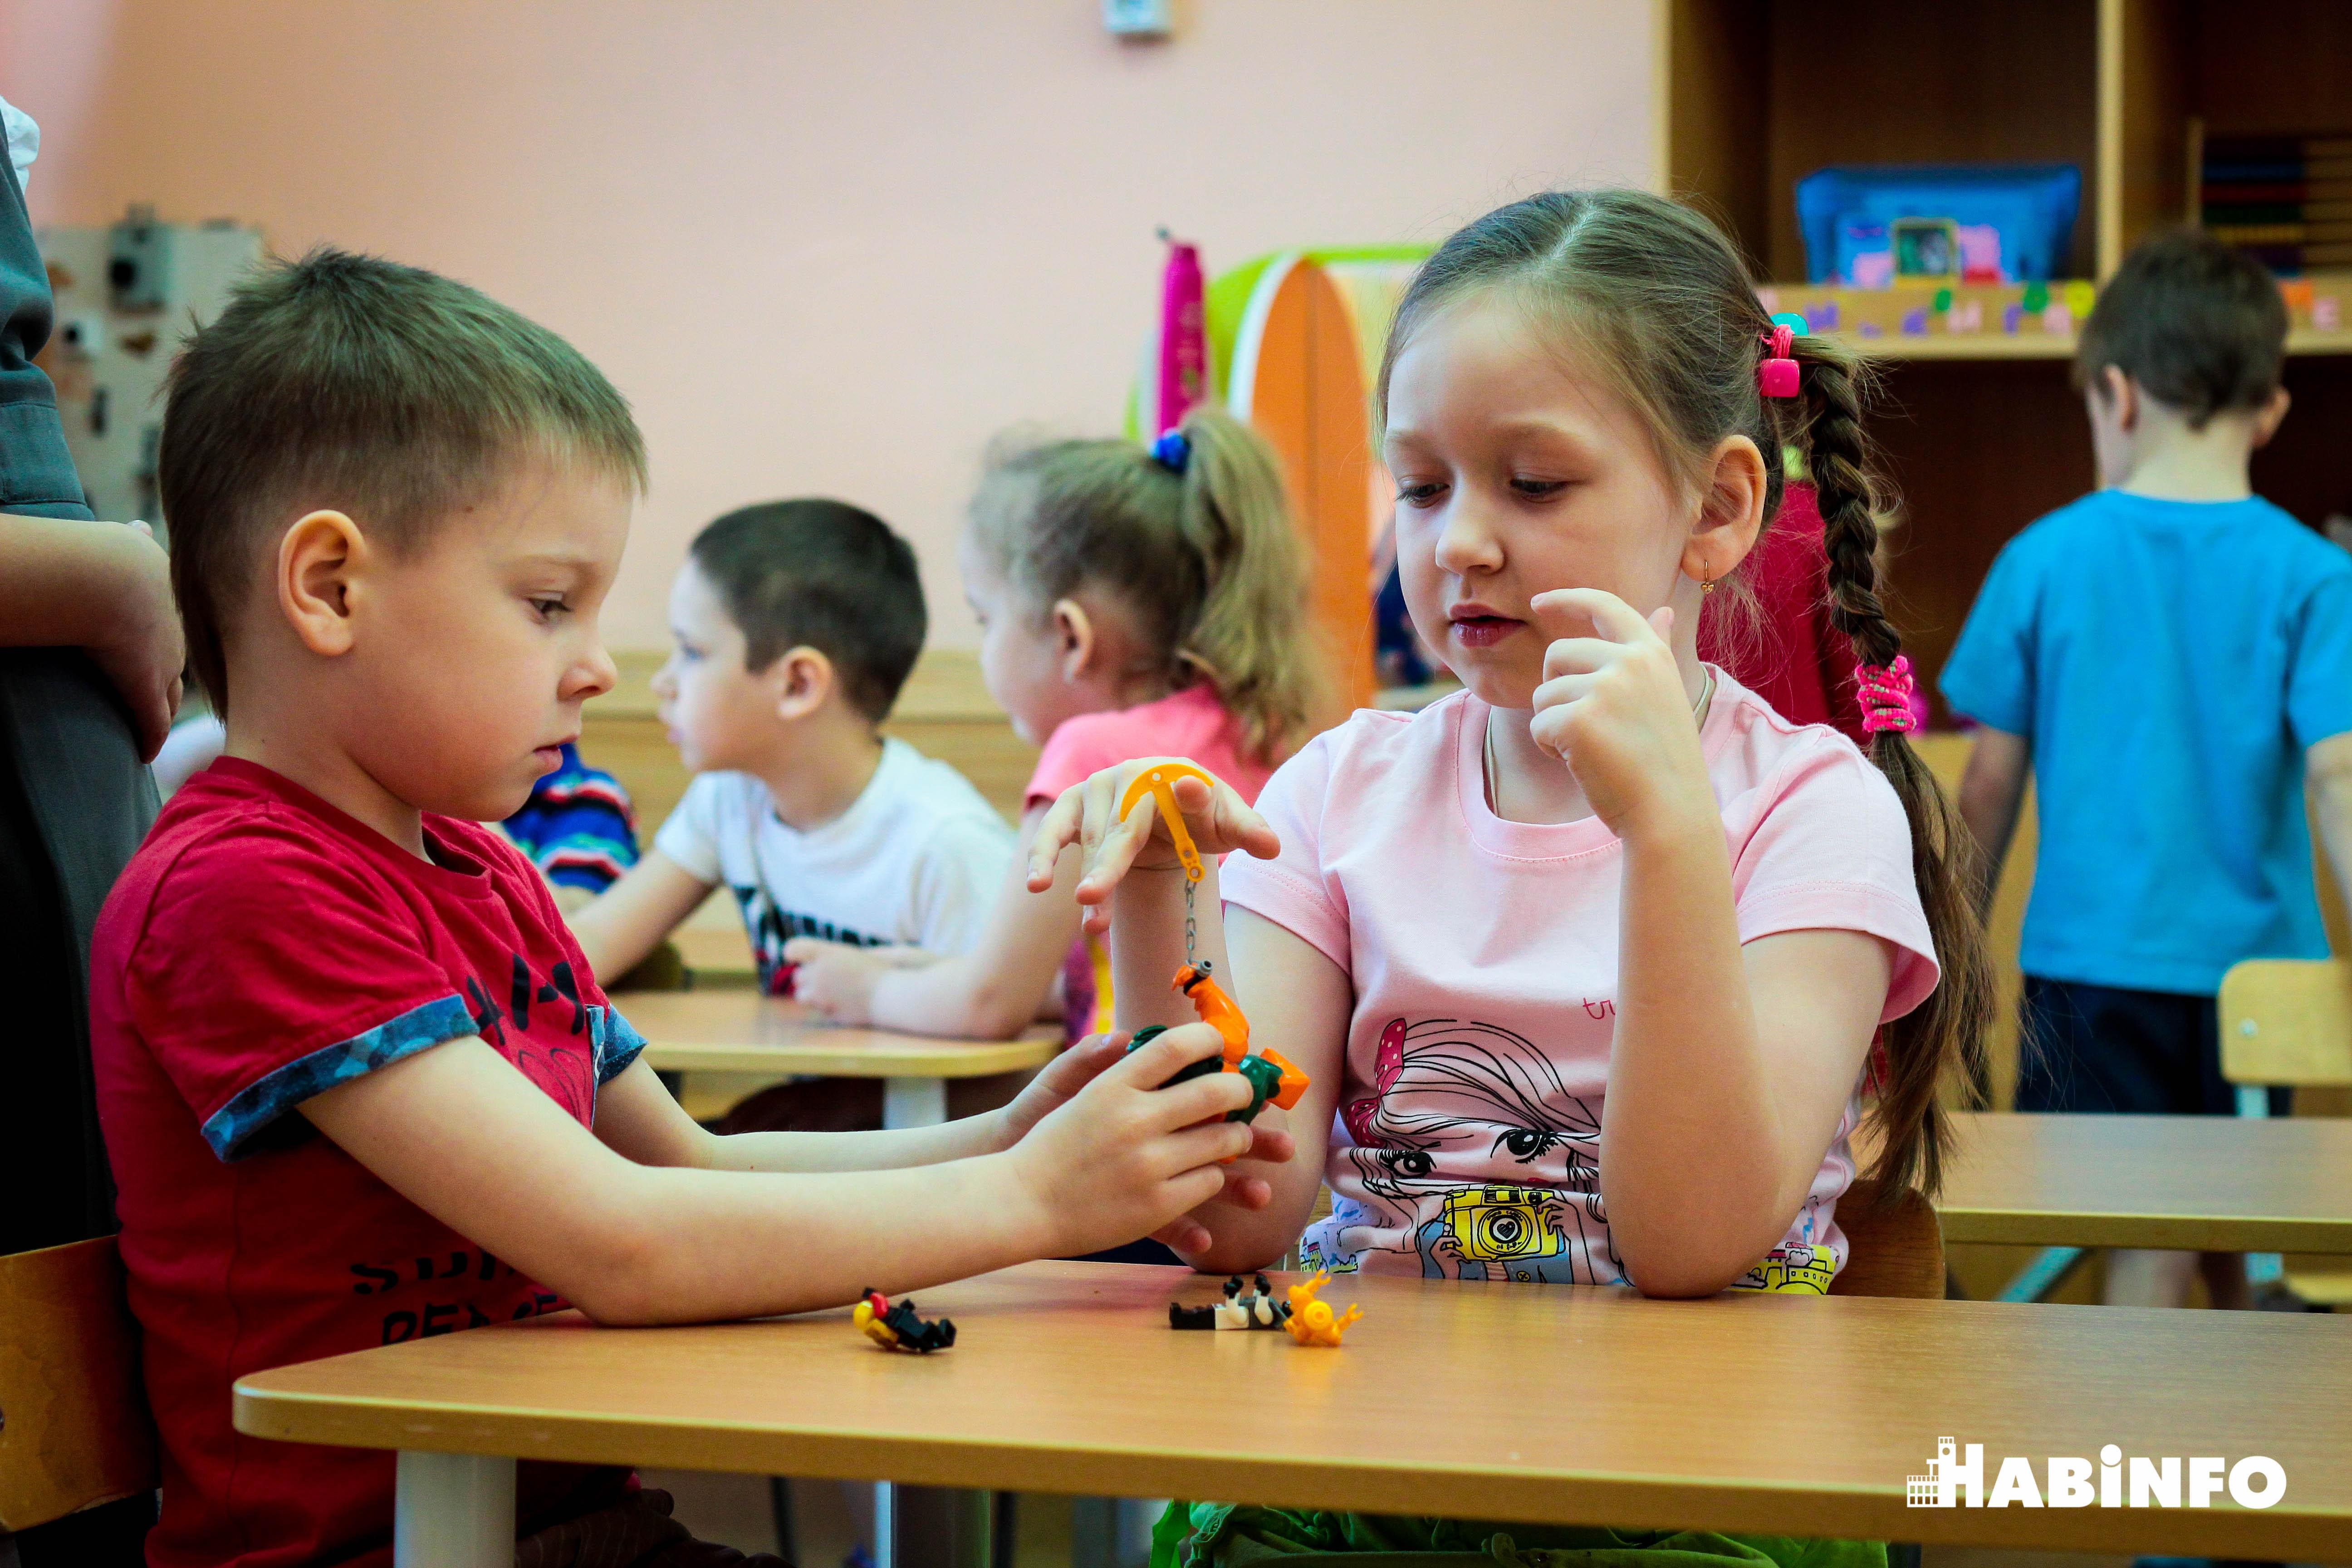 Мужской взгляд, или Как хабаровчанин Борис Землянский работает воспитателем в детском саду  (ФОТО)